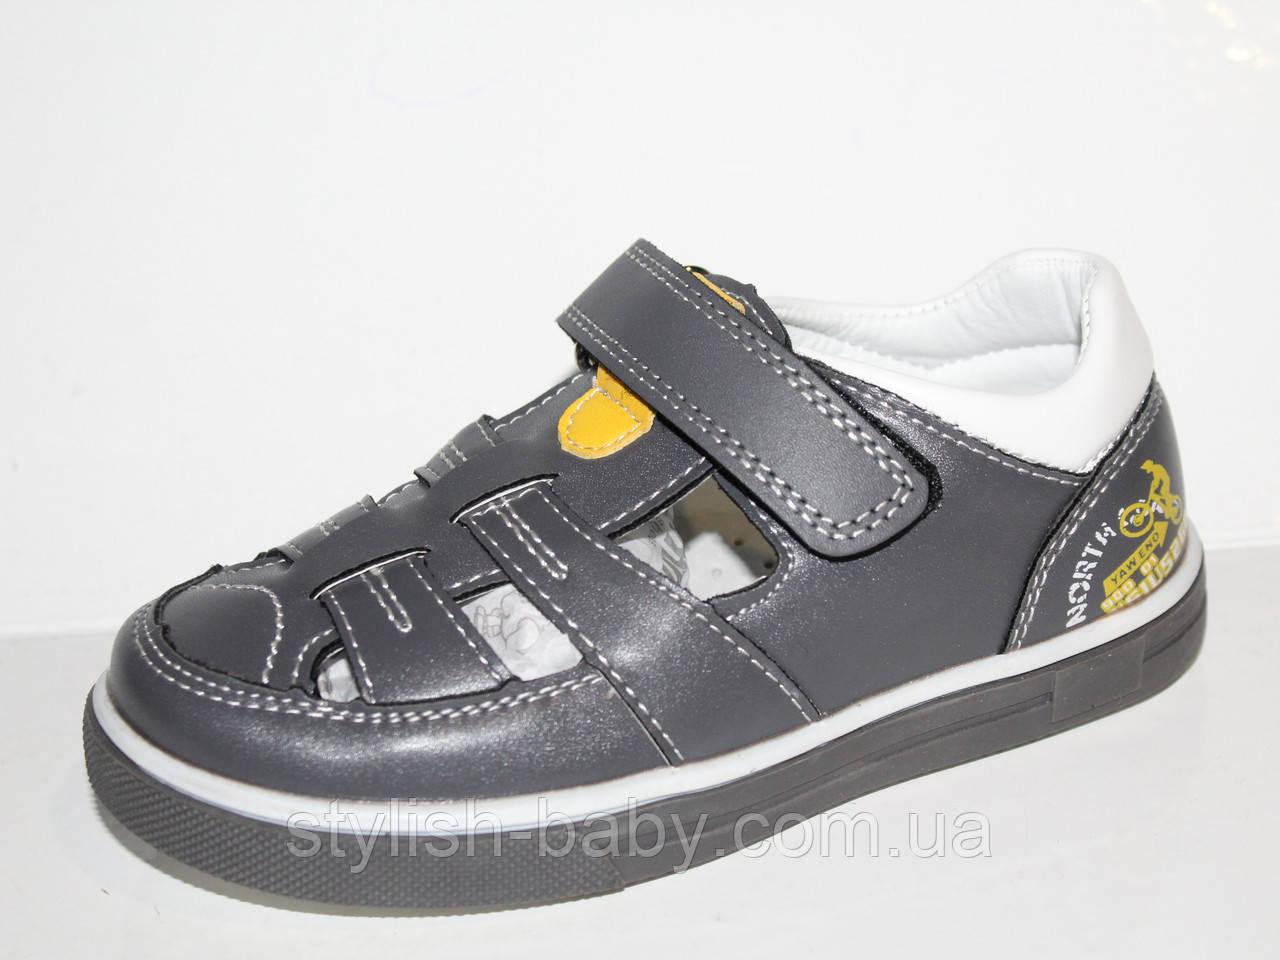 Детская обувь оптом. Детские спортивные туфли с перфорацией бренда Tom.m для мальчиков (рр. с 26 по 31)